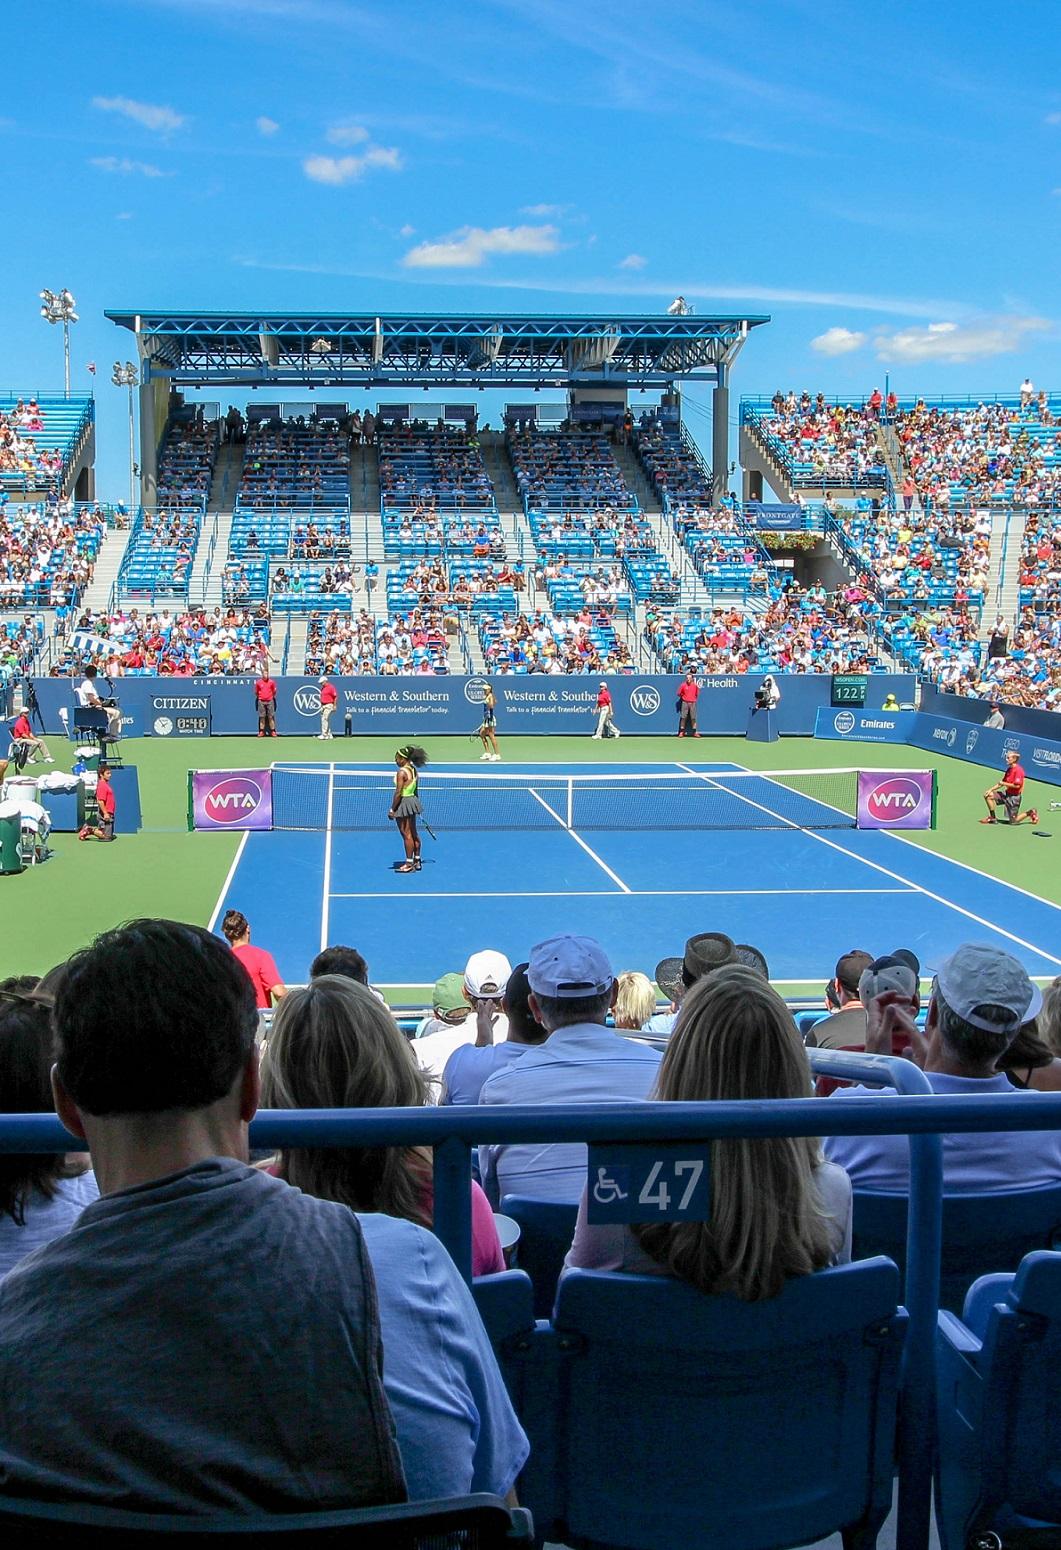 Gutscheinvorlage für Tennisspiele